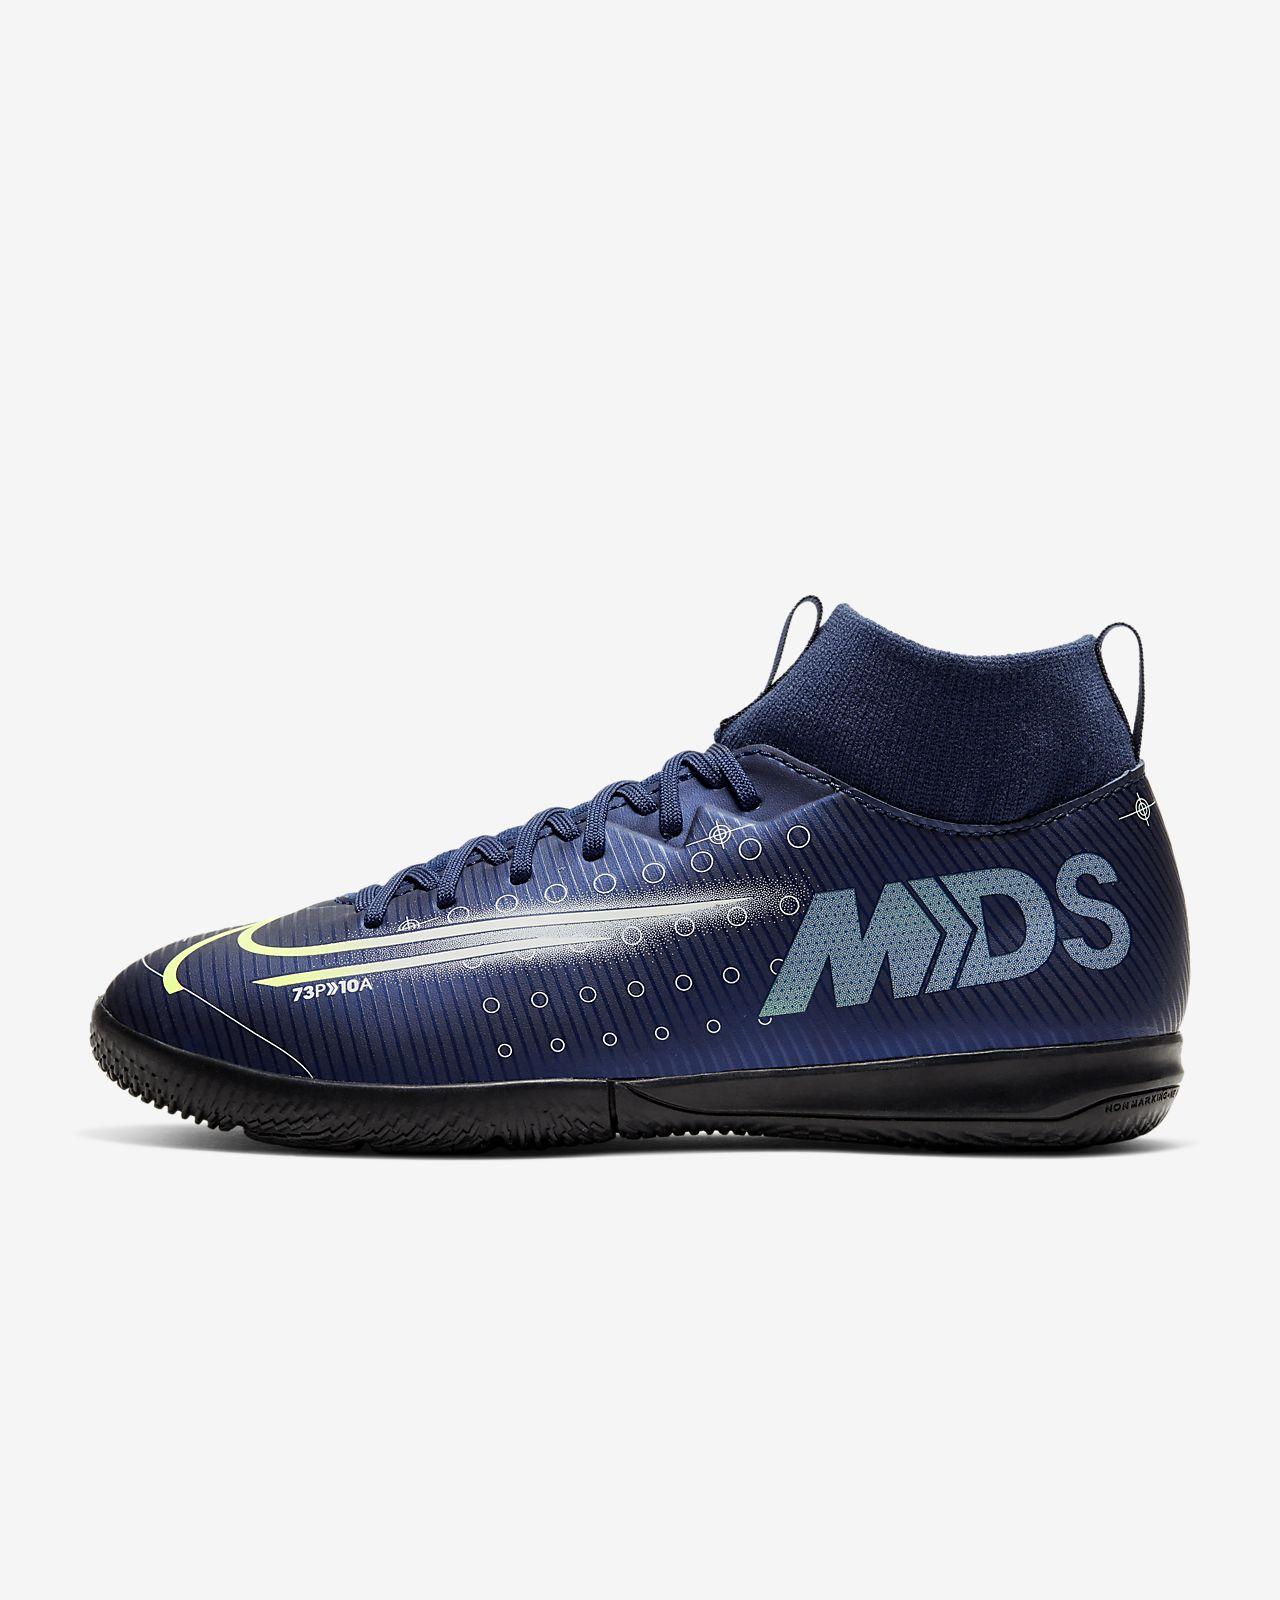 Nike Jr Mercurial Superfly 7 Academy Mds Ic Fussballschuh Fur Hallen Und Hartplatze Fur Jungere Altere Kinder